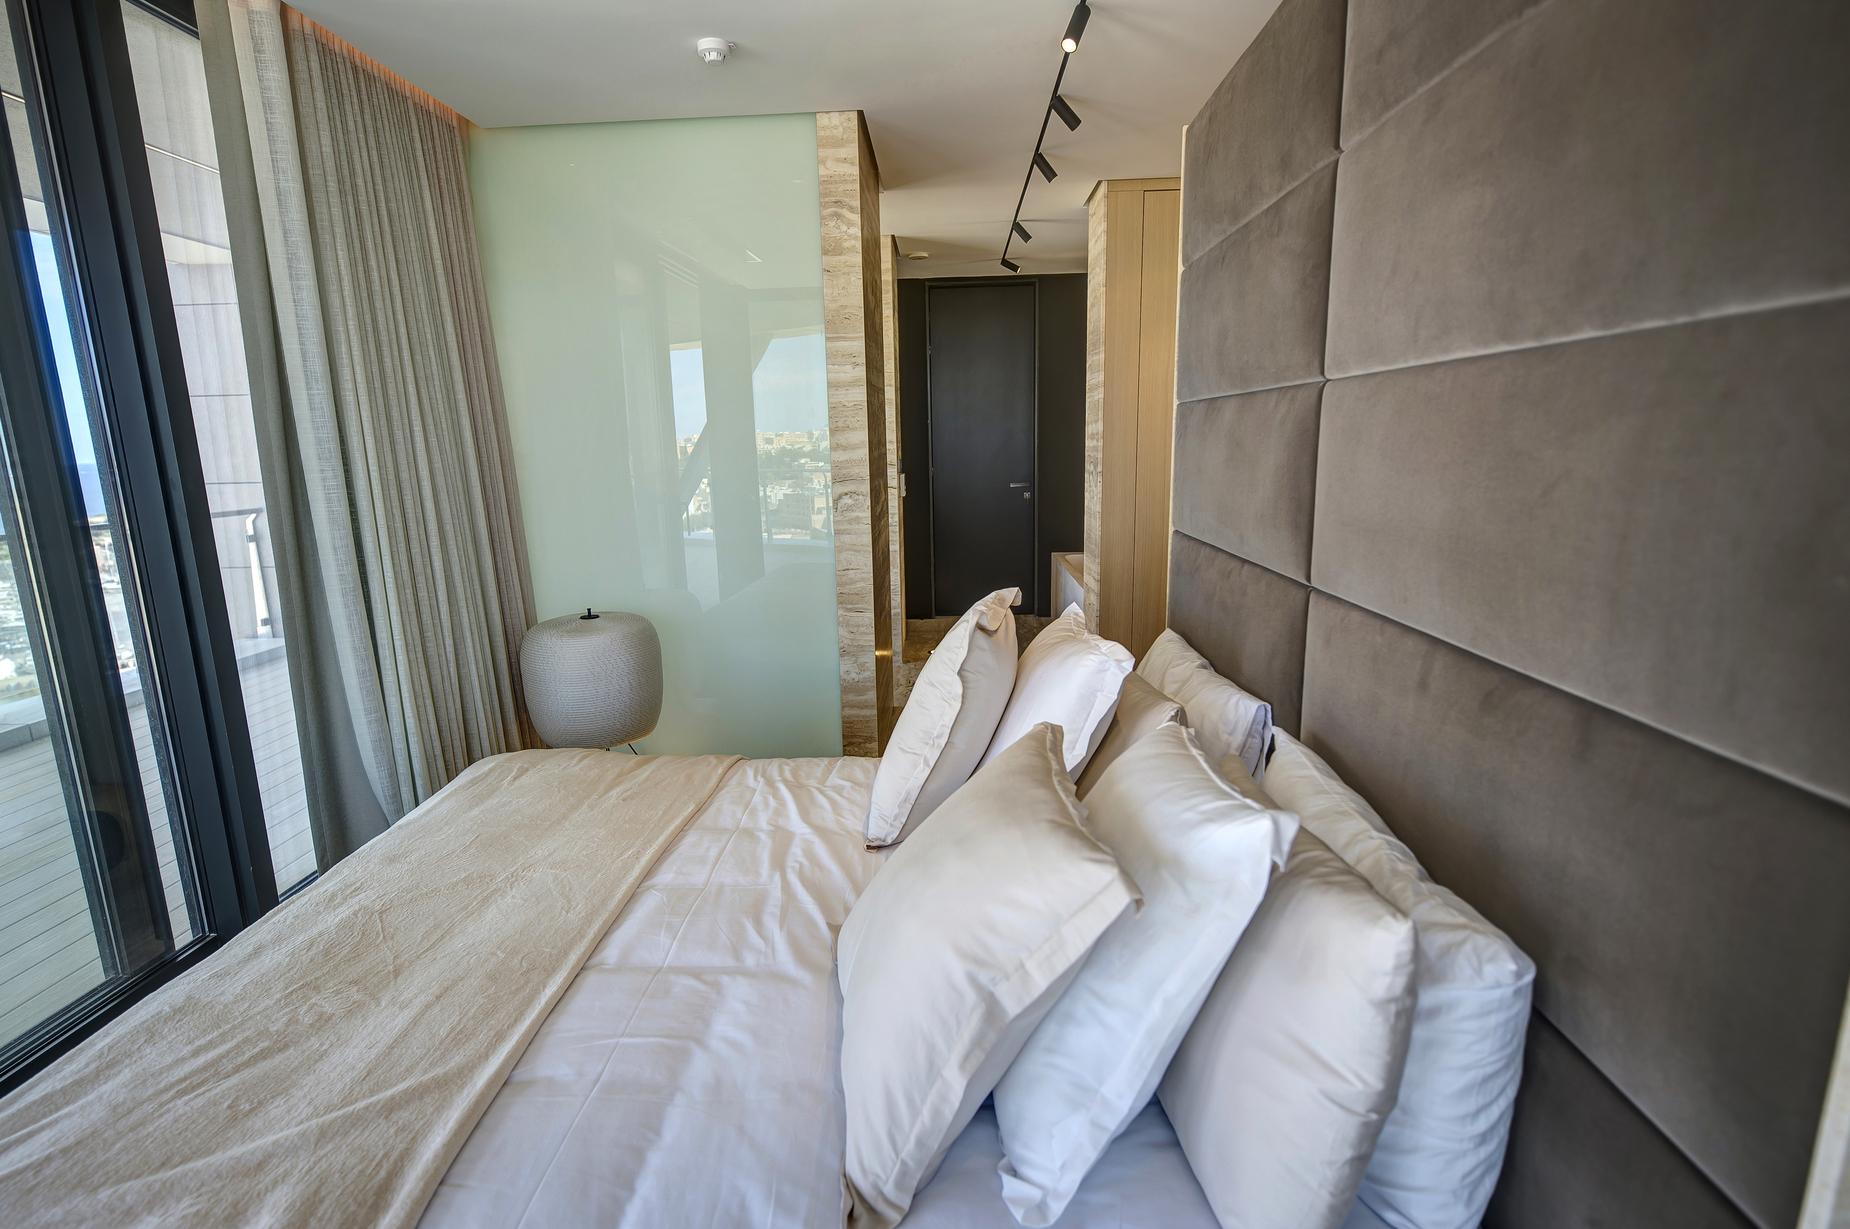 3 bed Apartment For Sale in Gzira, Gzira - thumb 25